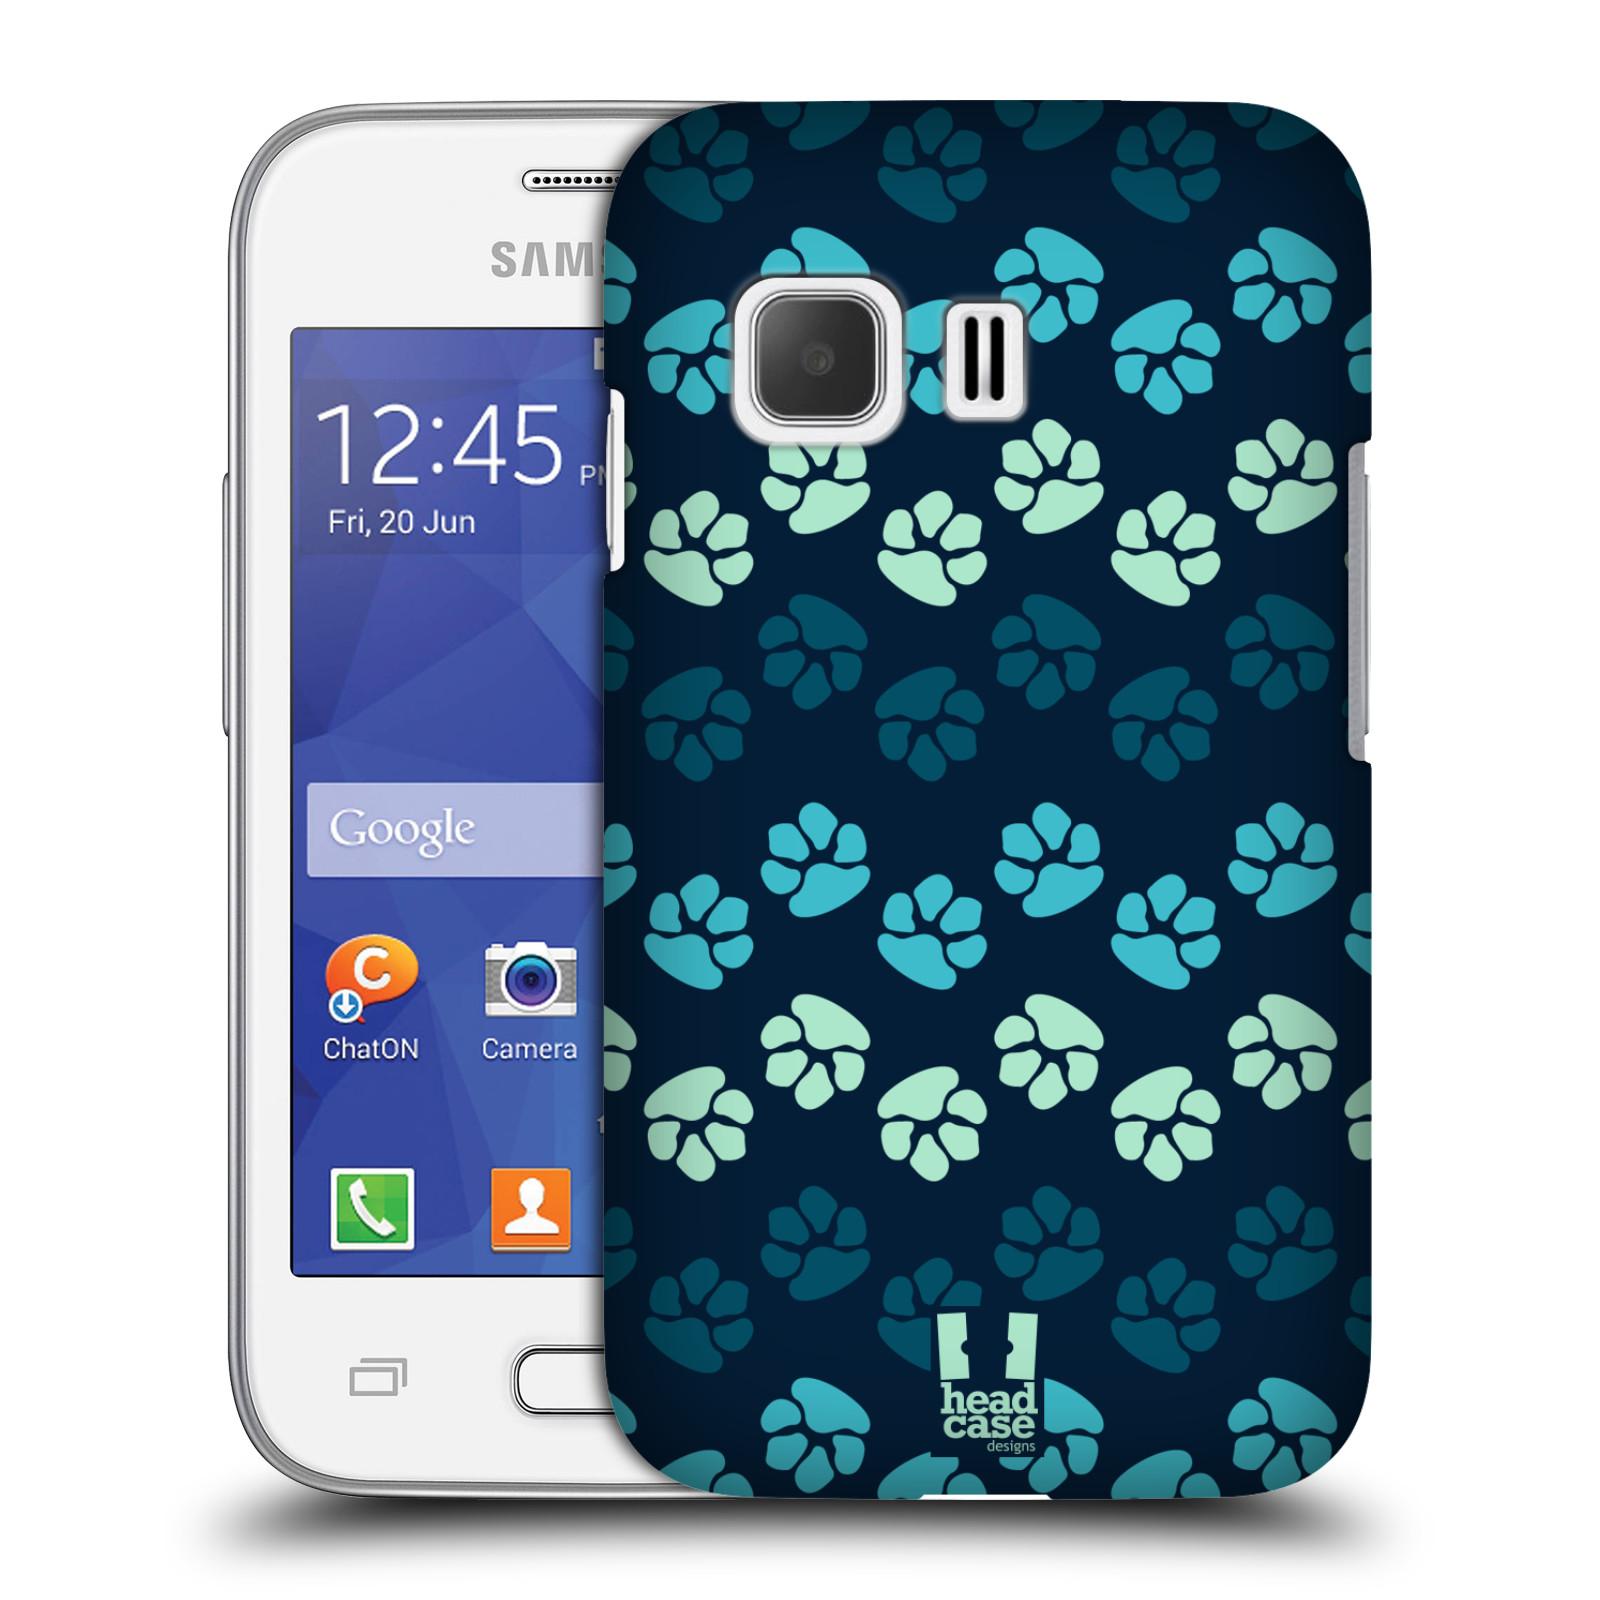 Plastové pouzdro na mobil Samsung Galaxy Young 2 HEAD CASE TLAPKY MODRÉ (Kryt či obal na mobilní telefon Samsung Galaxy Young 2 SM-G130)